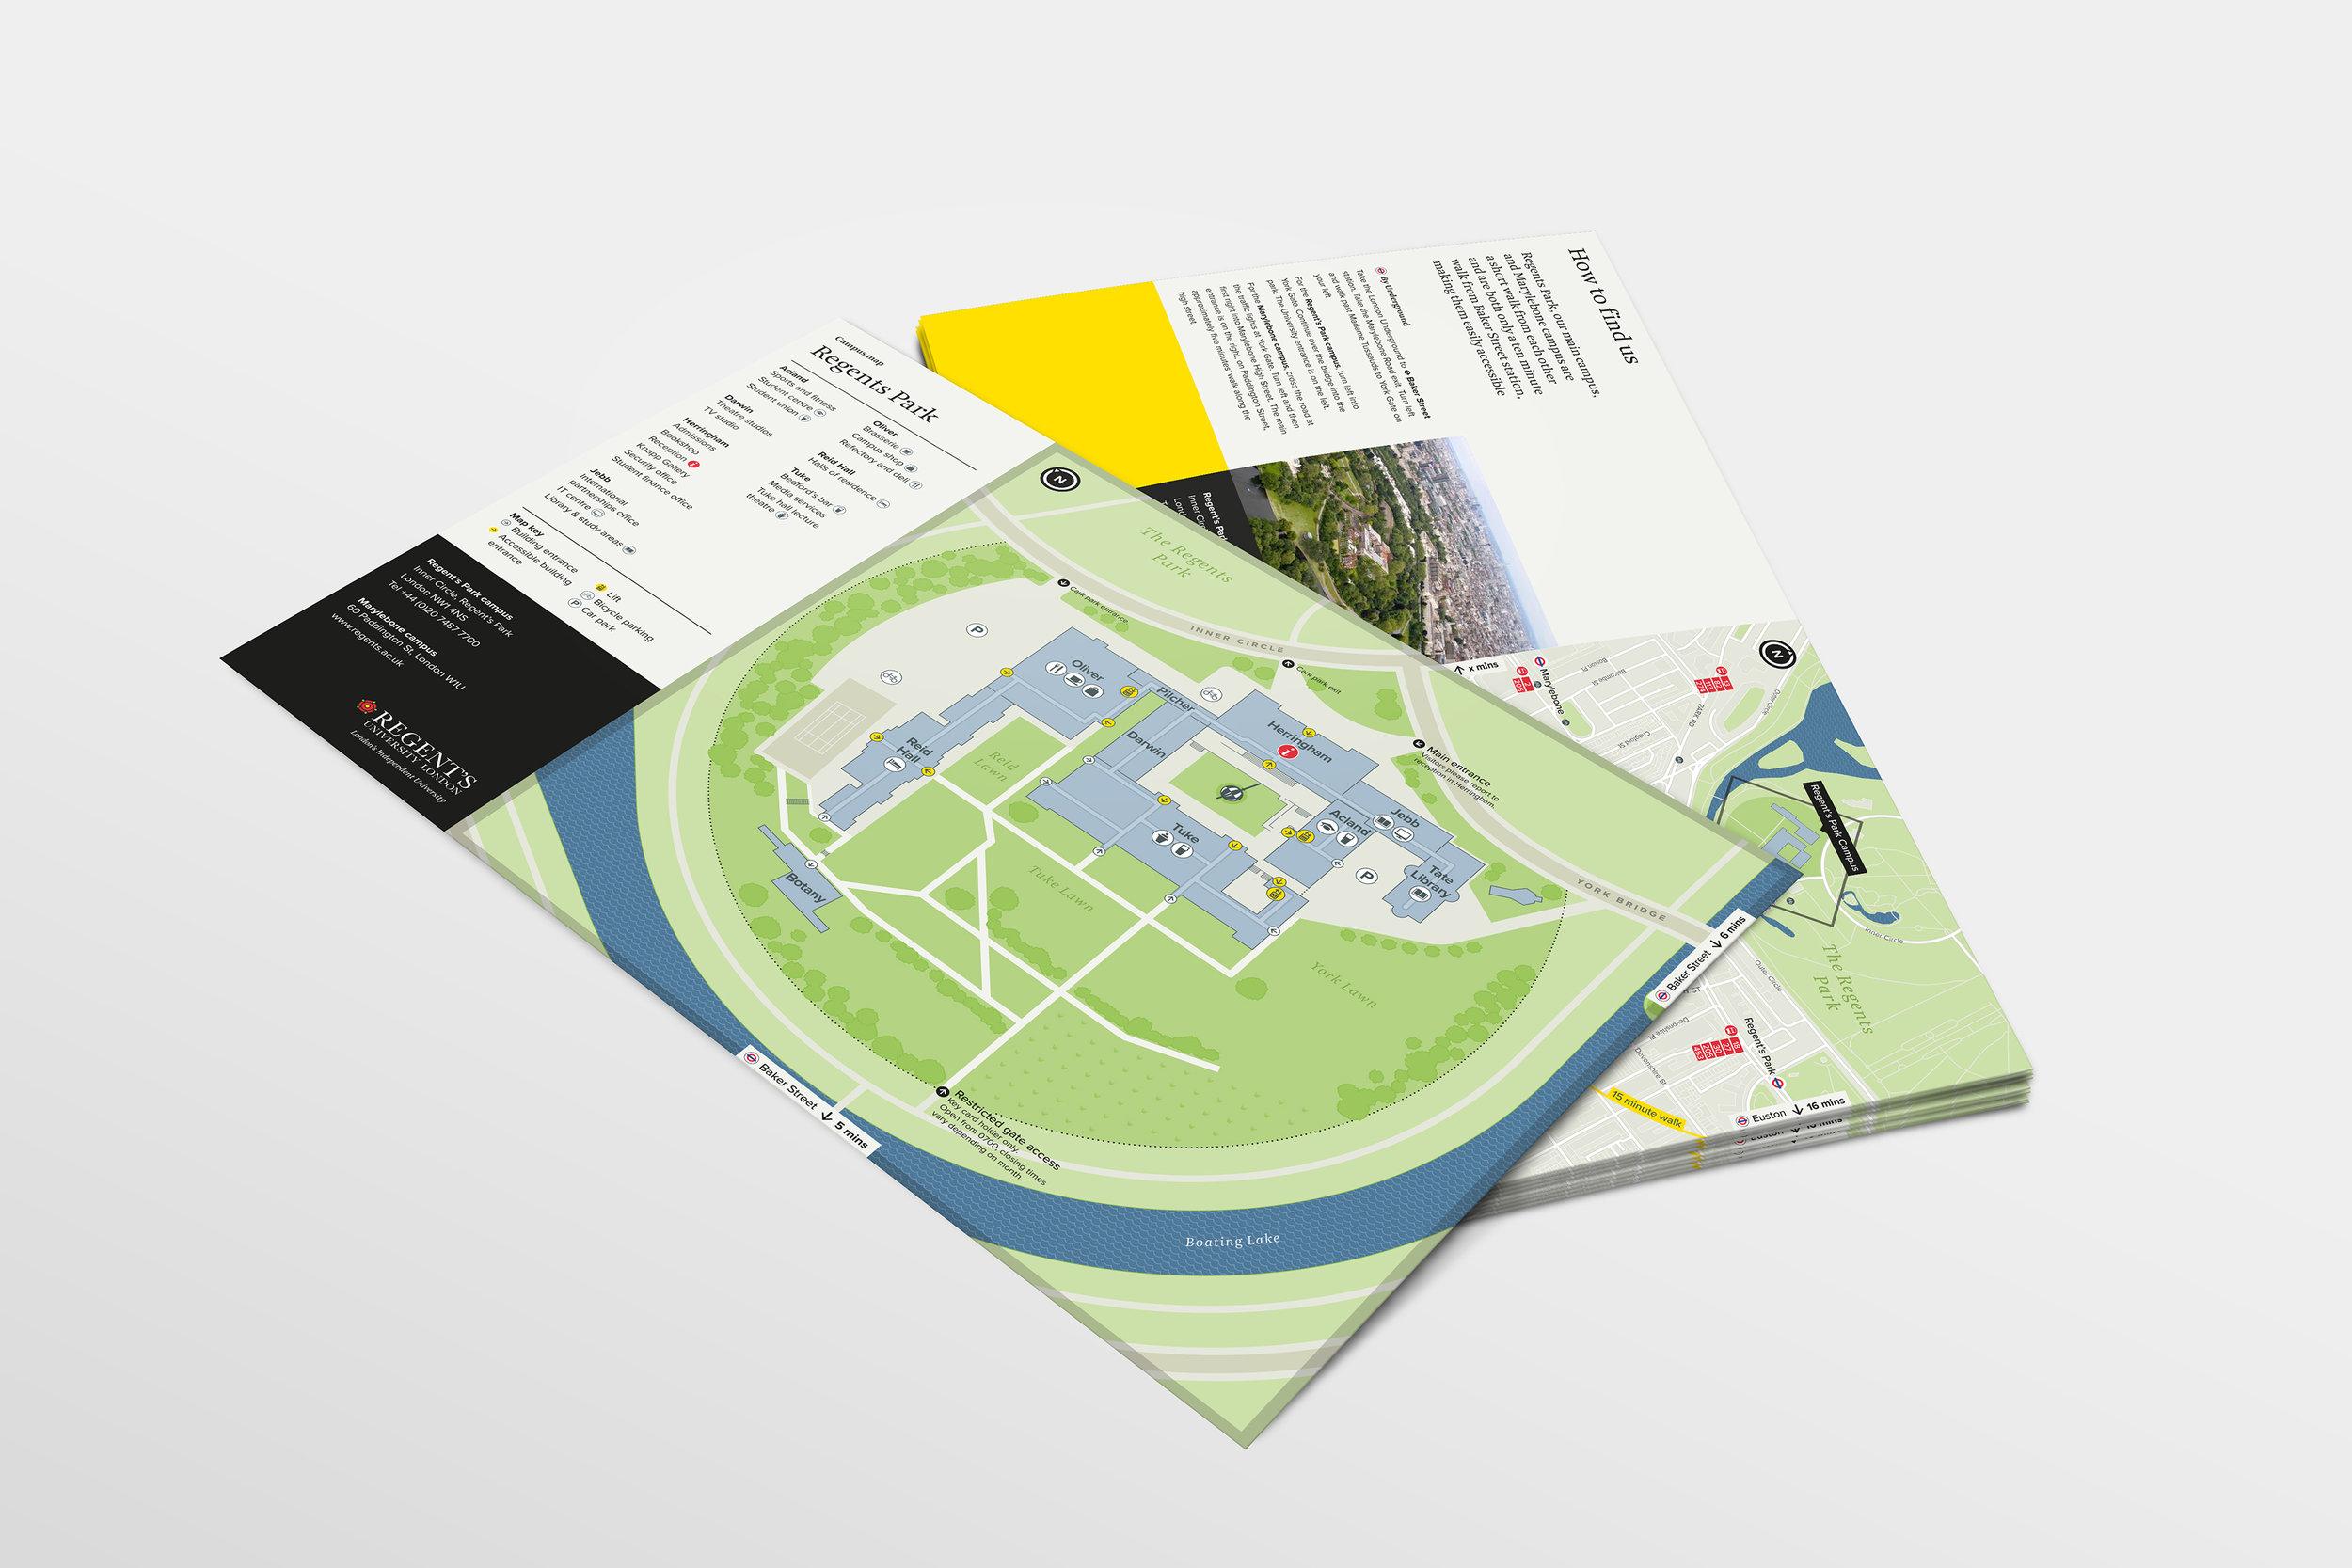 Regent's University campus visitor map